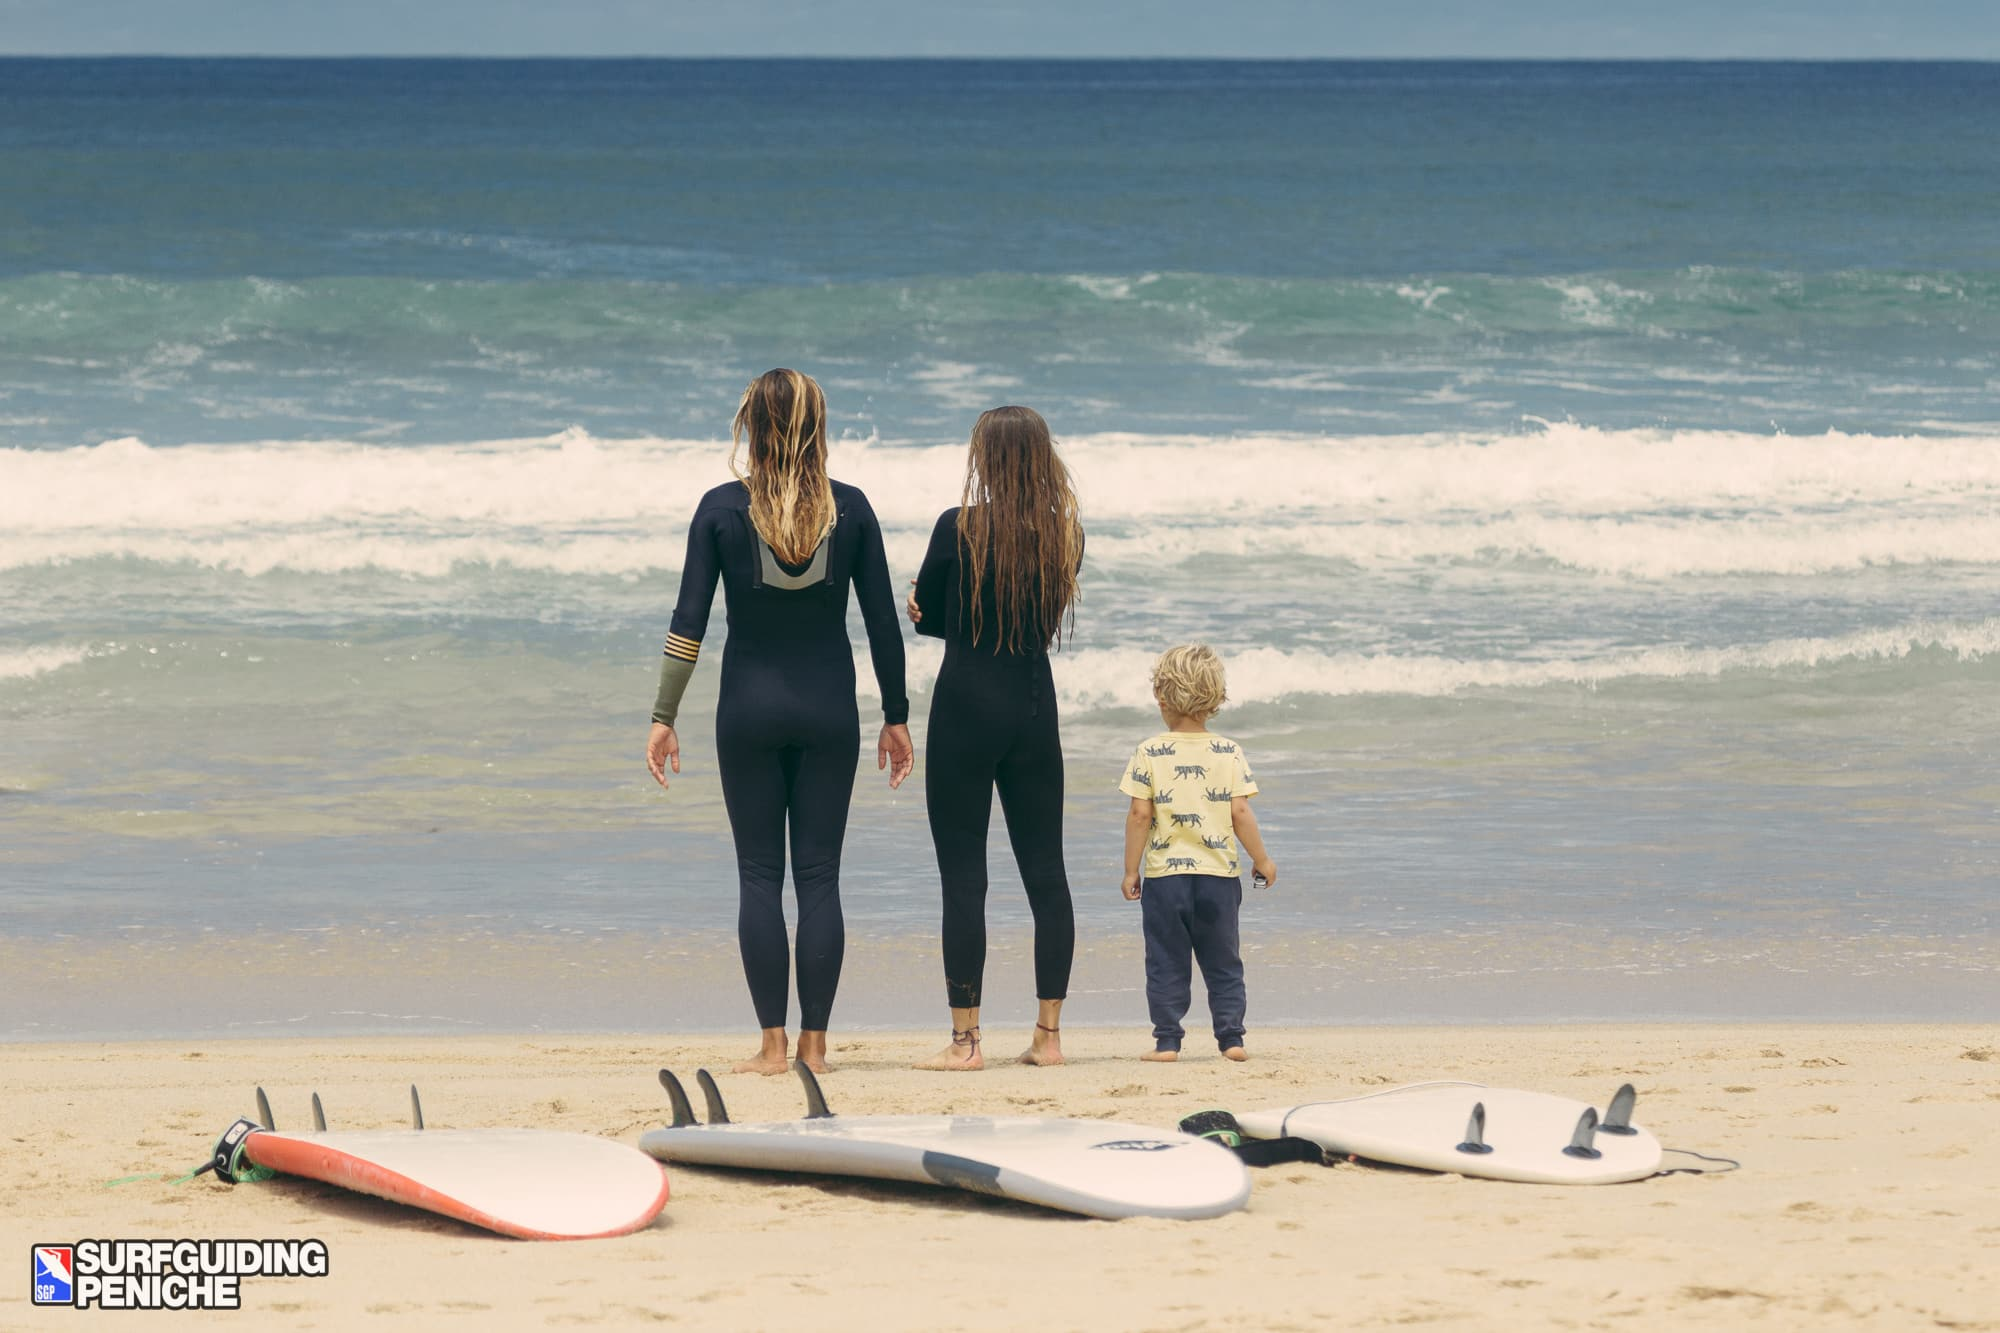 Nando der Surflehrer